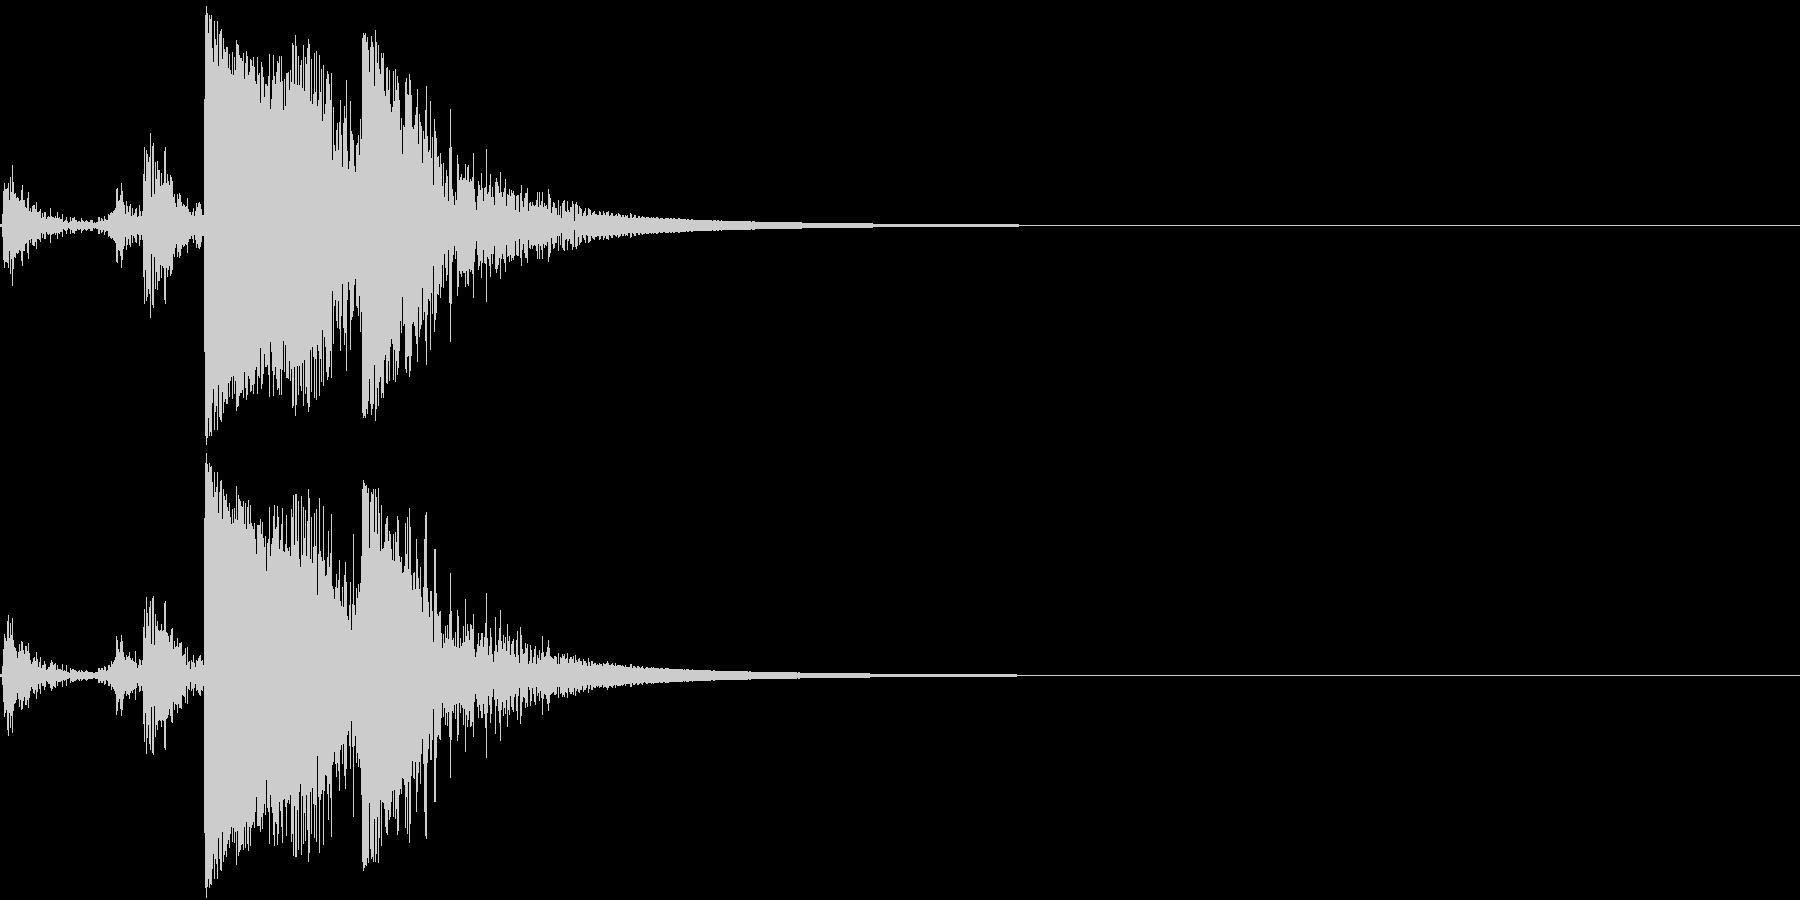 Metal 金属製の道具を置く音の未再生の波形